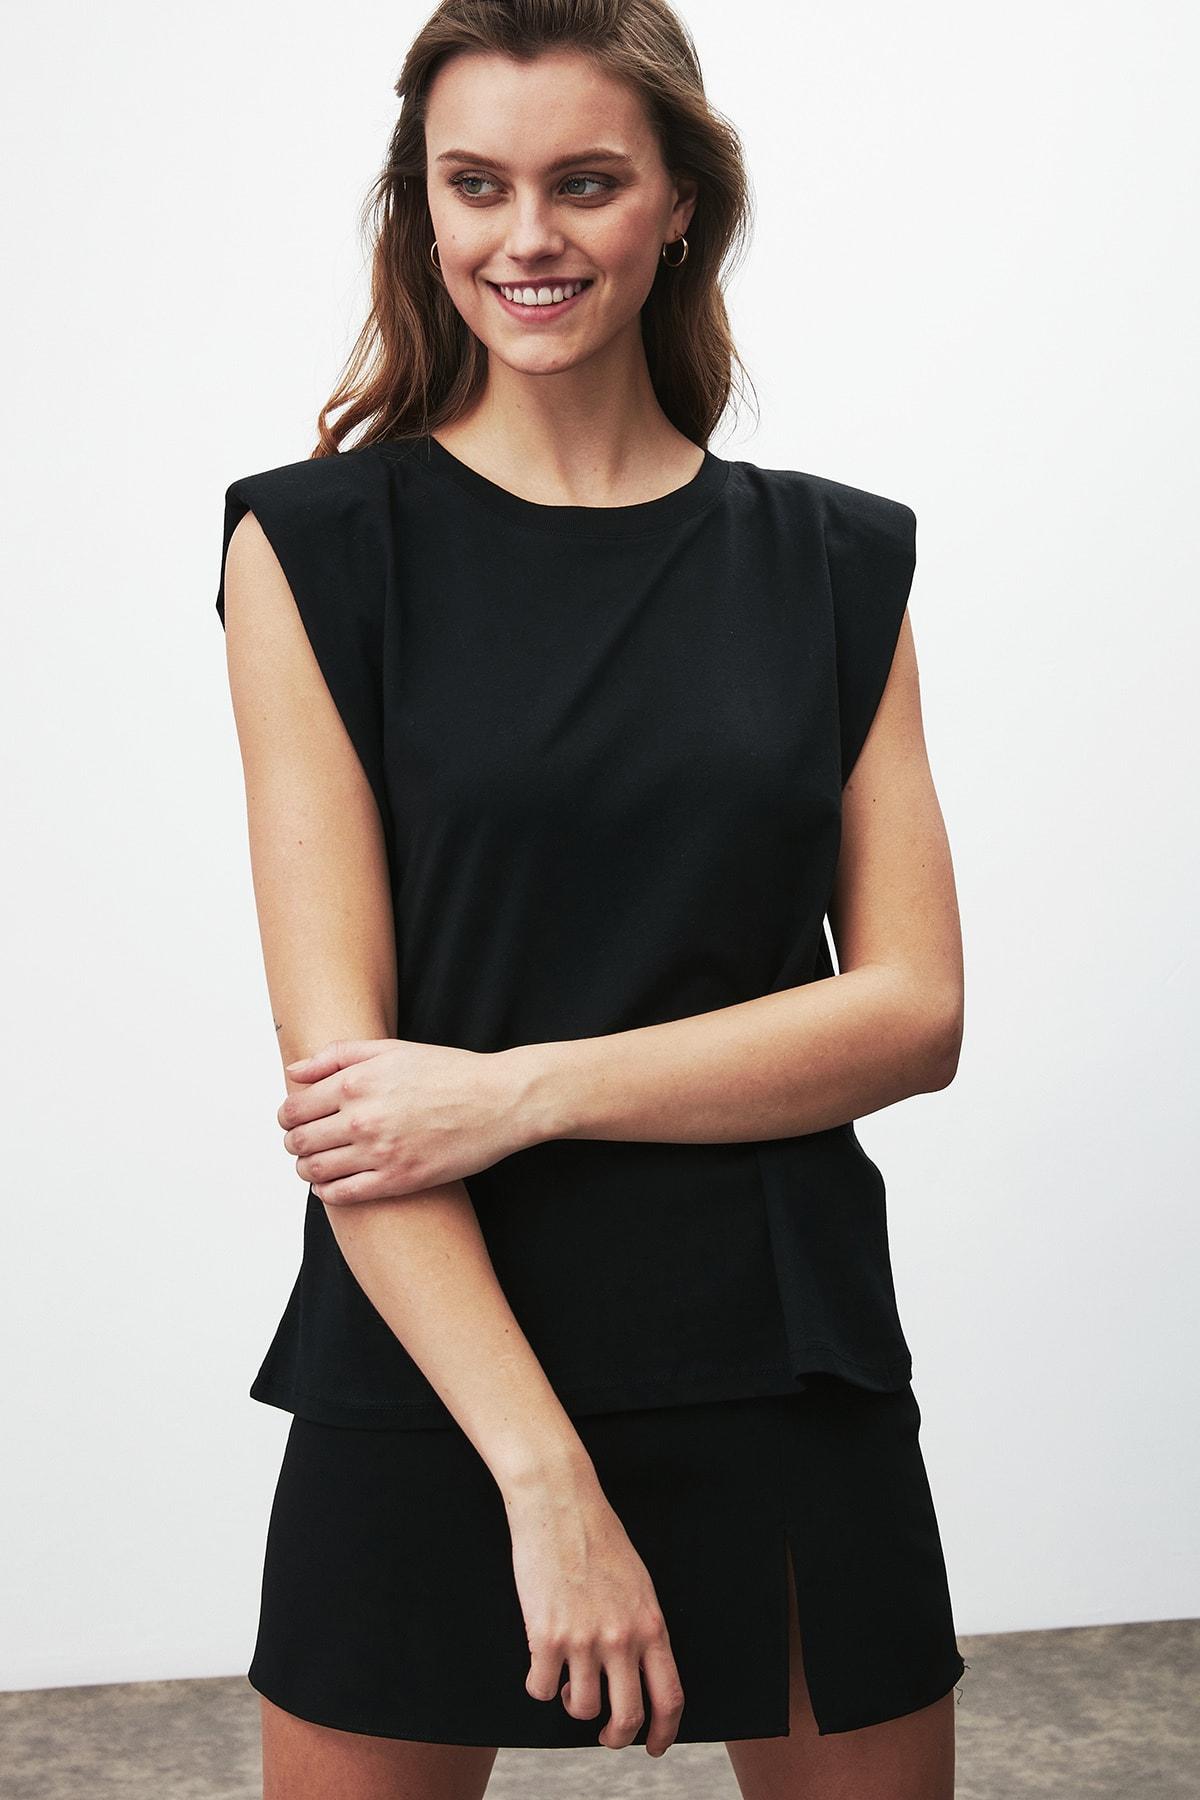 GRIMELANGE Luna Kadın Siyah Omuzları Vatkalı Kolsuz T-shirt 2